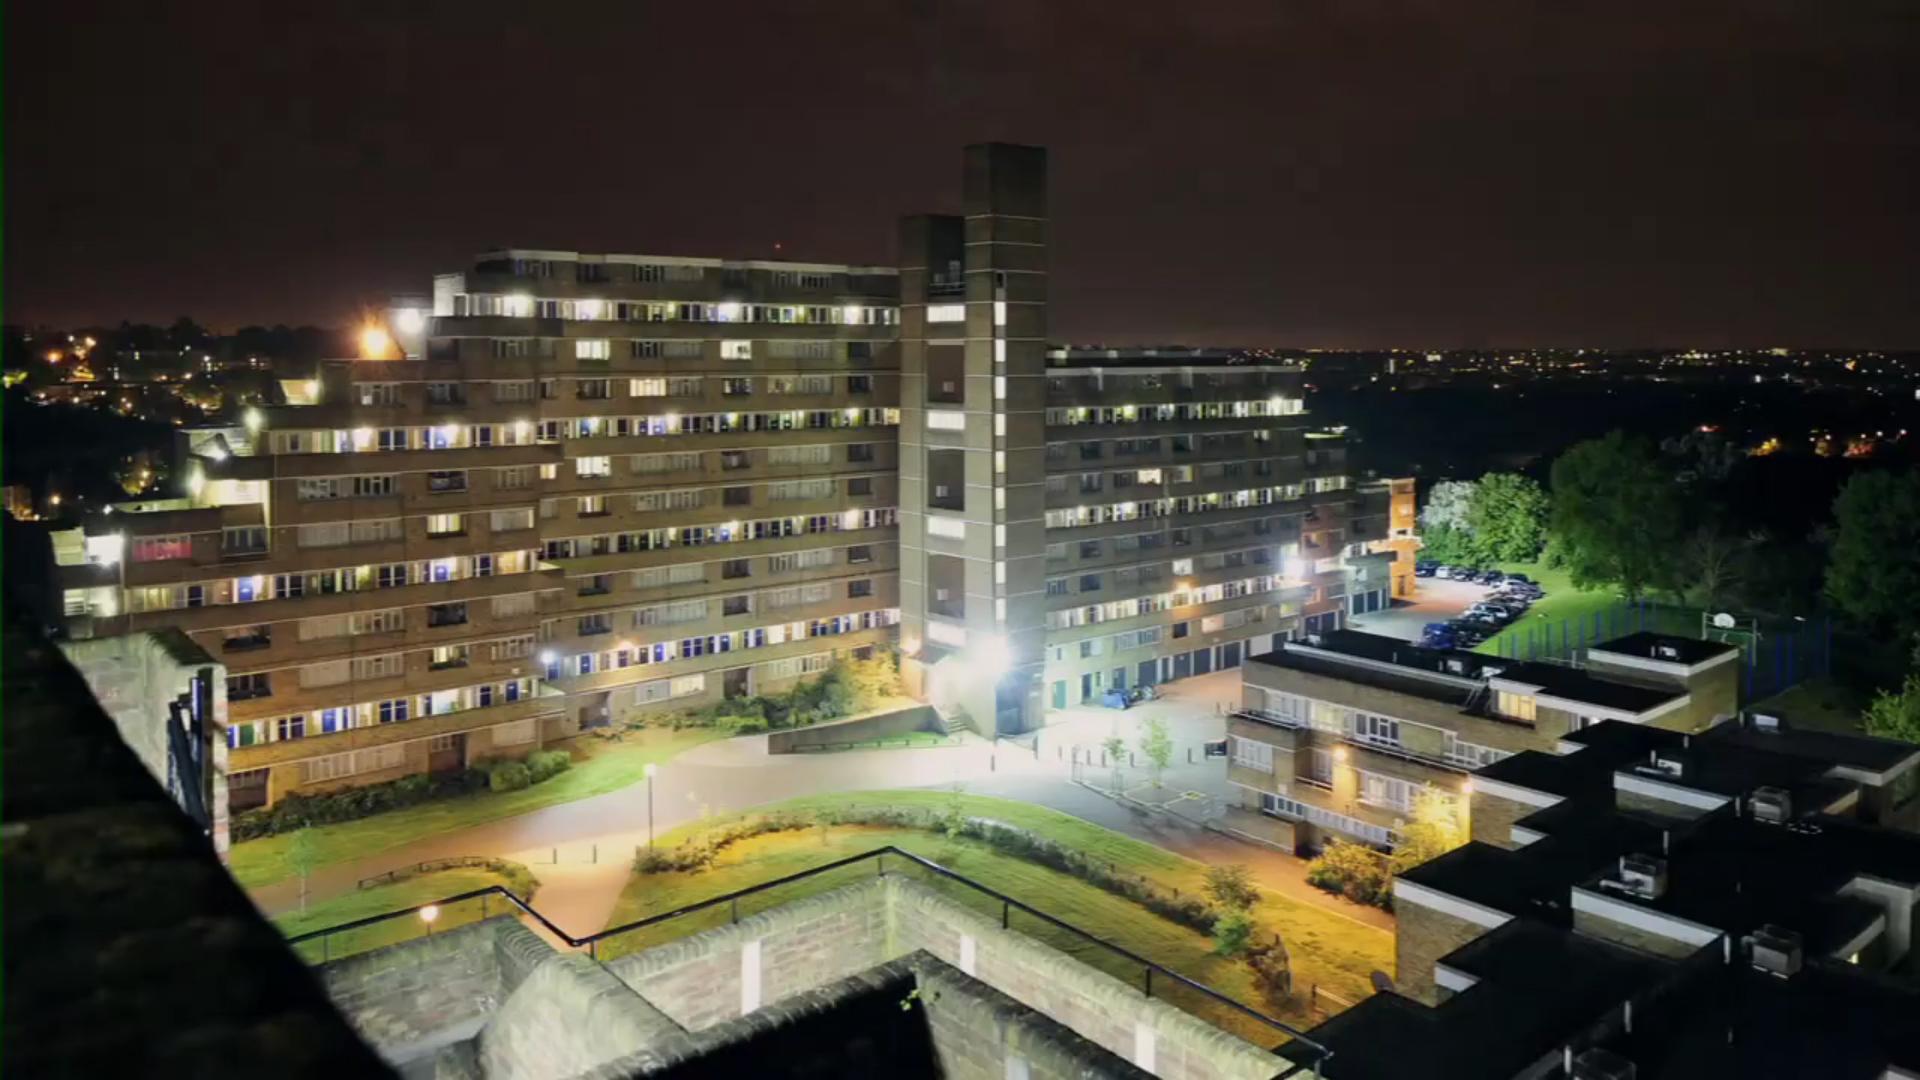 Cinema e Arquitetura: Documentário Utopia London dirigido por Tom Cordell